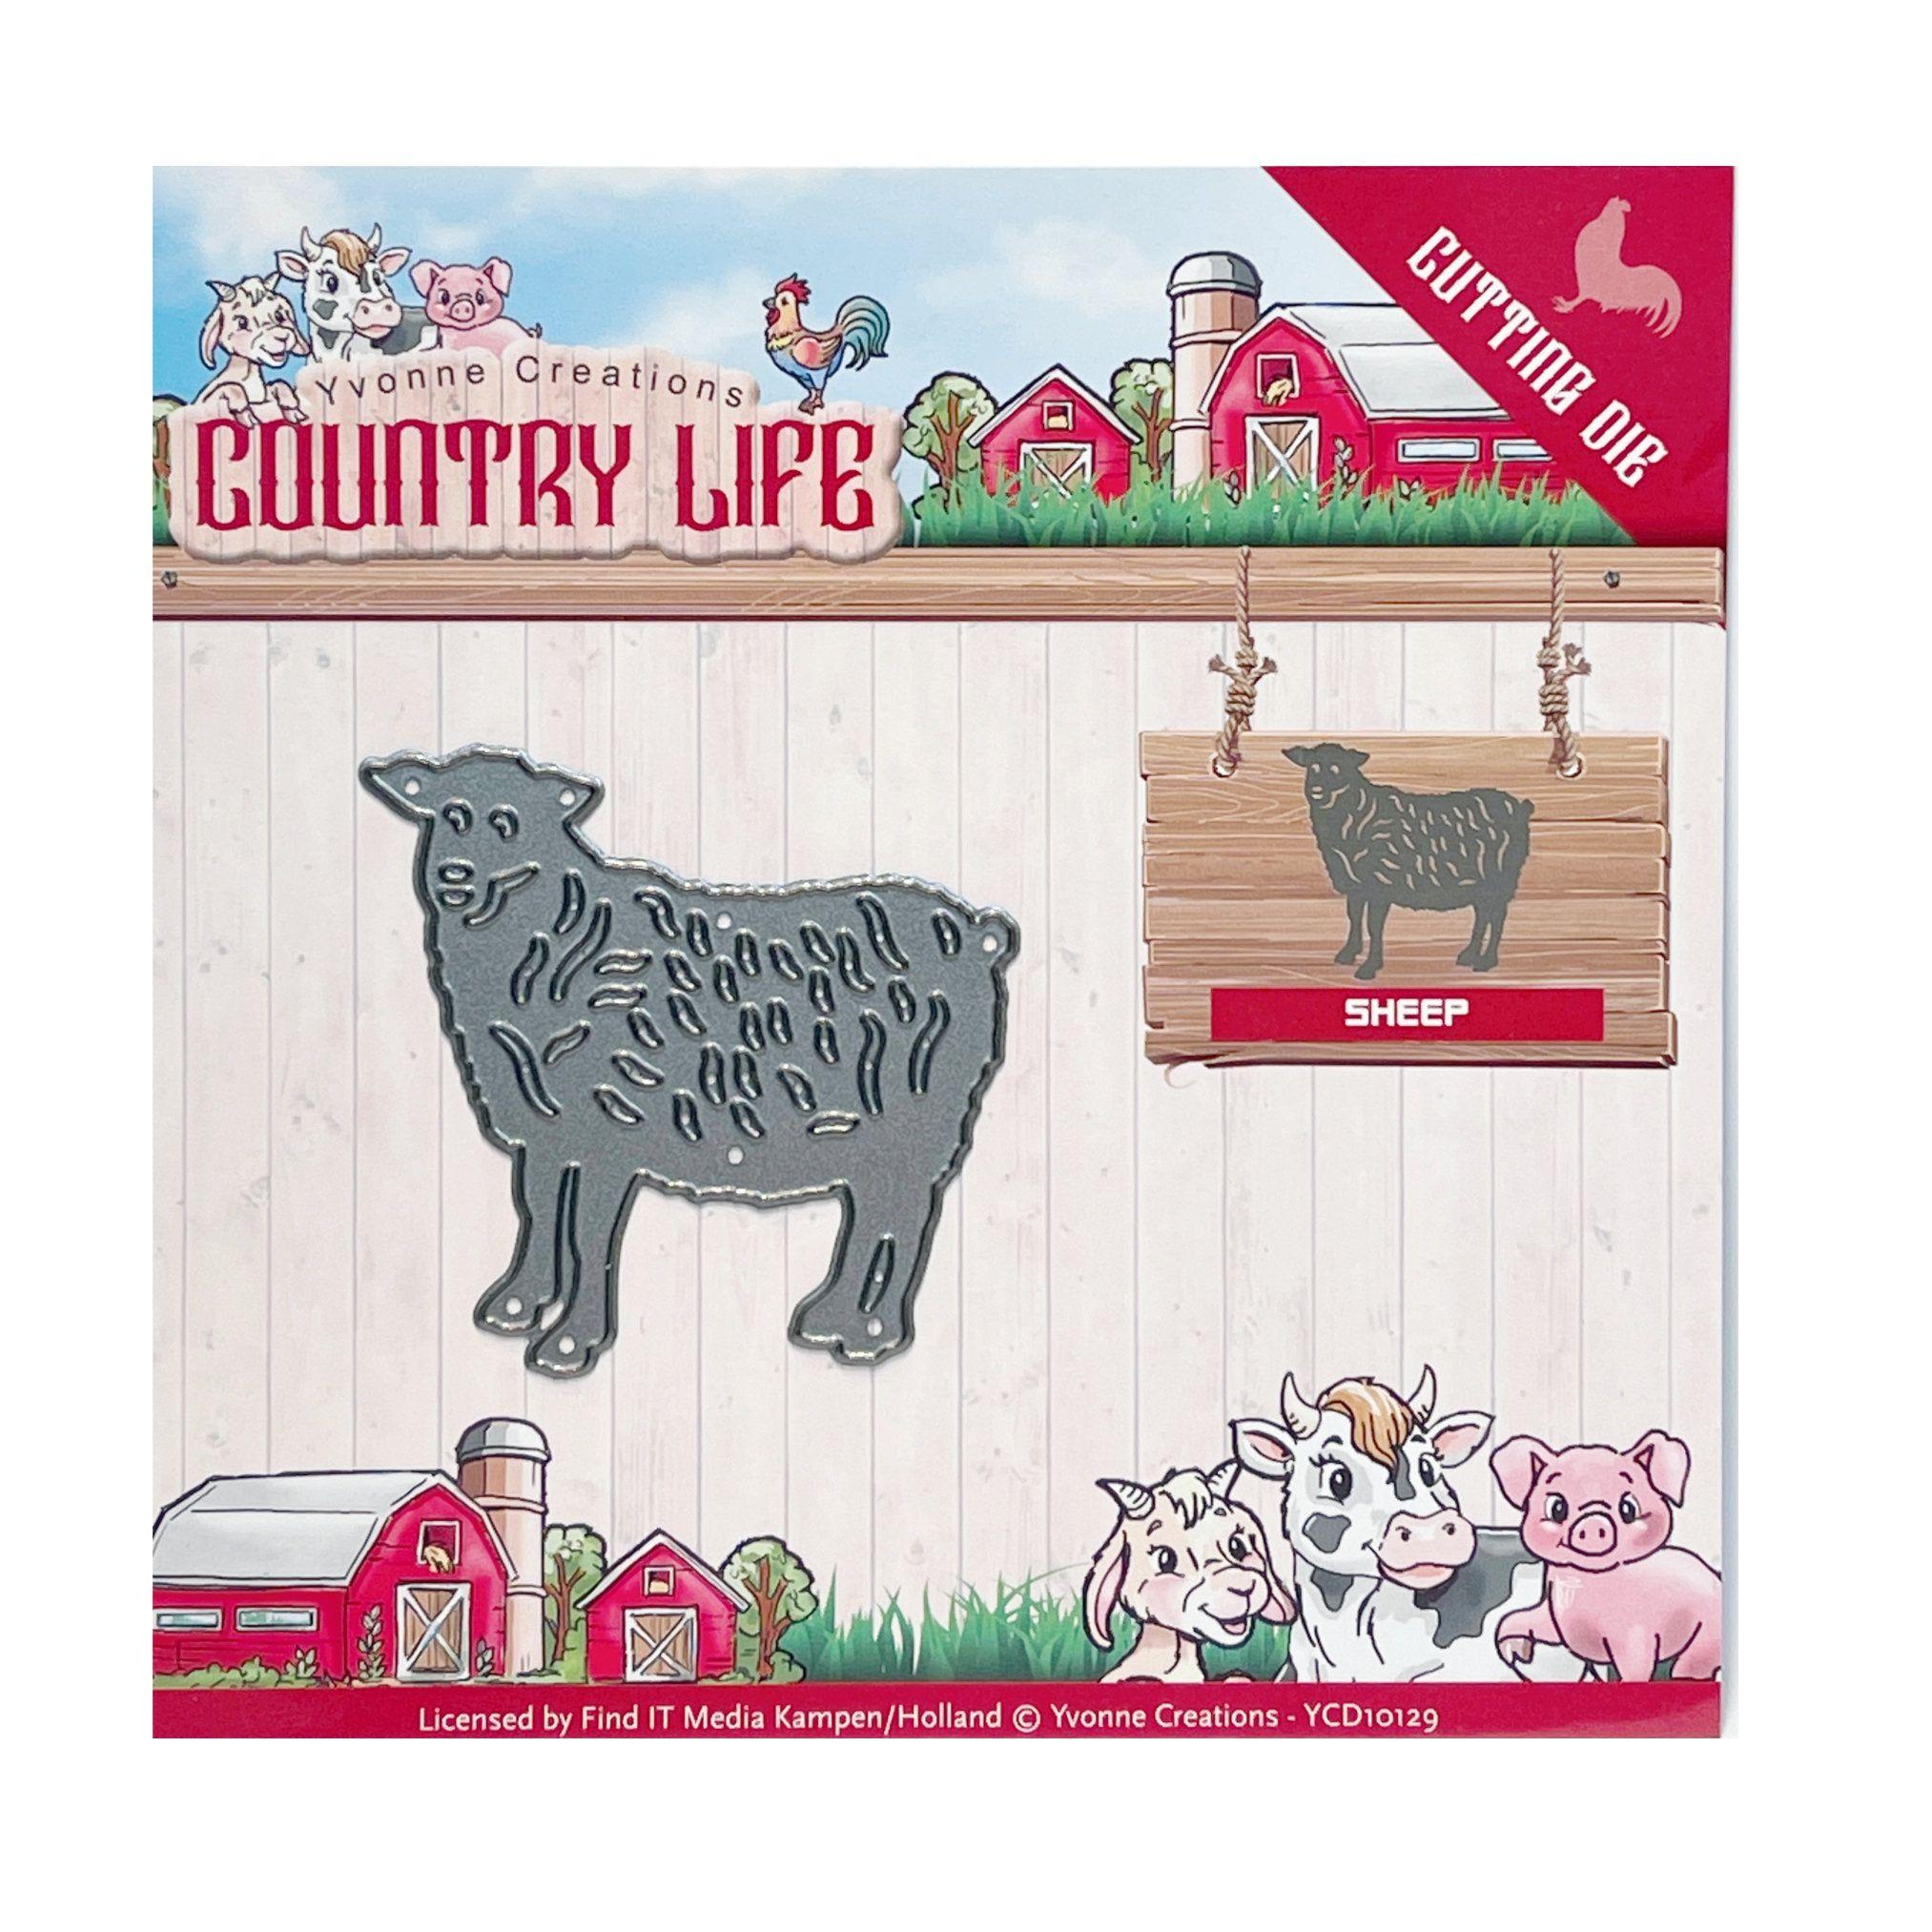 Cow Metal Cutting Dies Animal Die Cuts for Card Making Scrapbooking Kids DIY Christmas Craft Dies